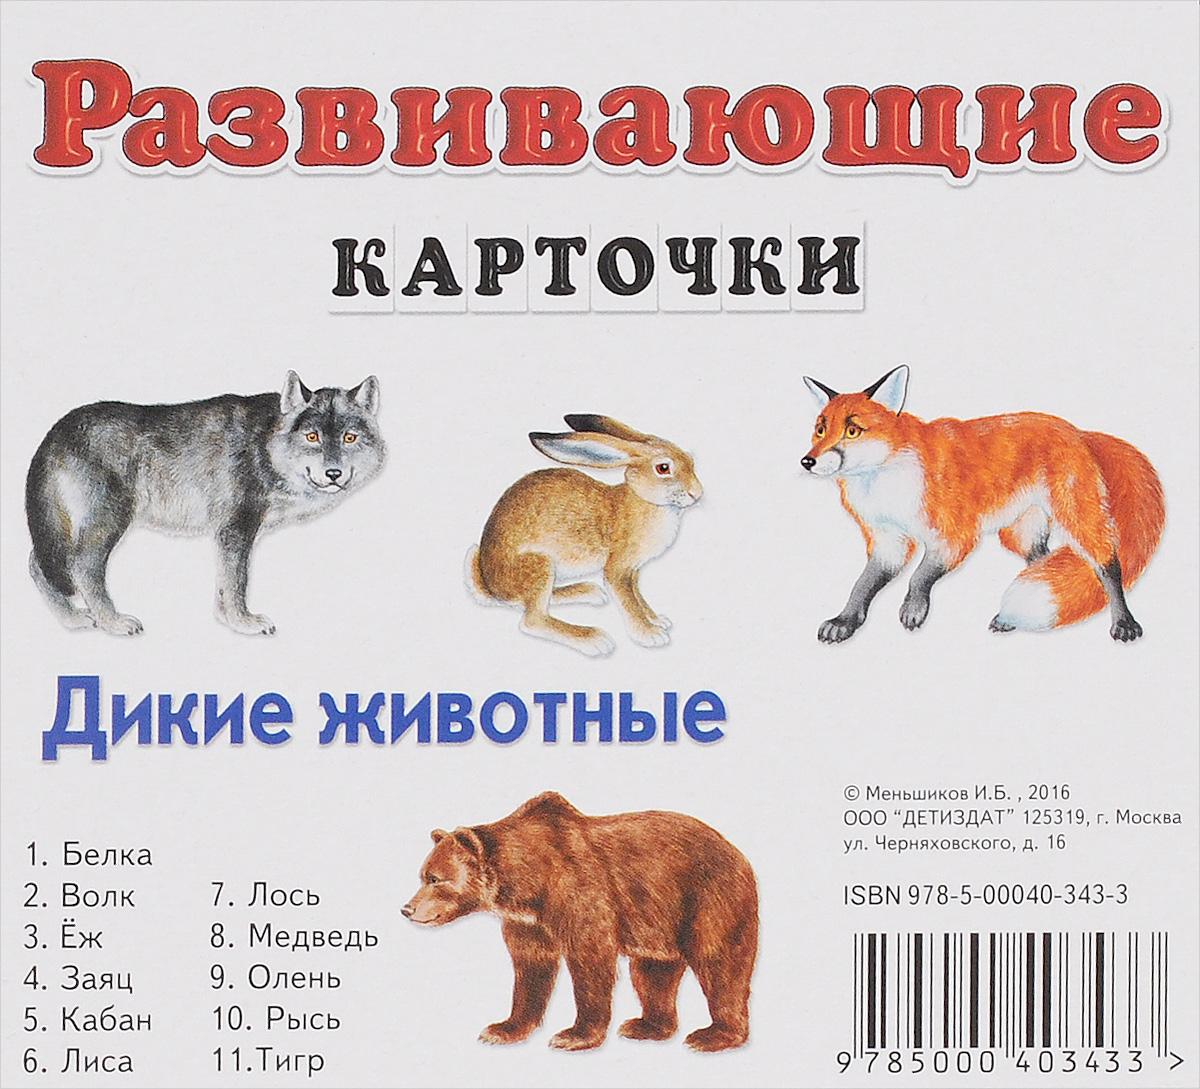 Дикие животные. Развивающие карточки (набор из 11 карточек)